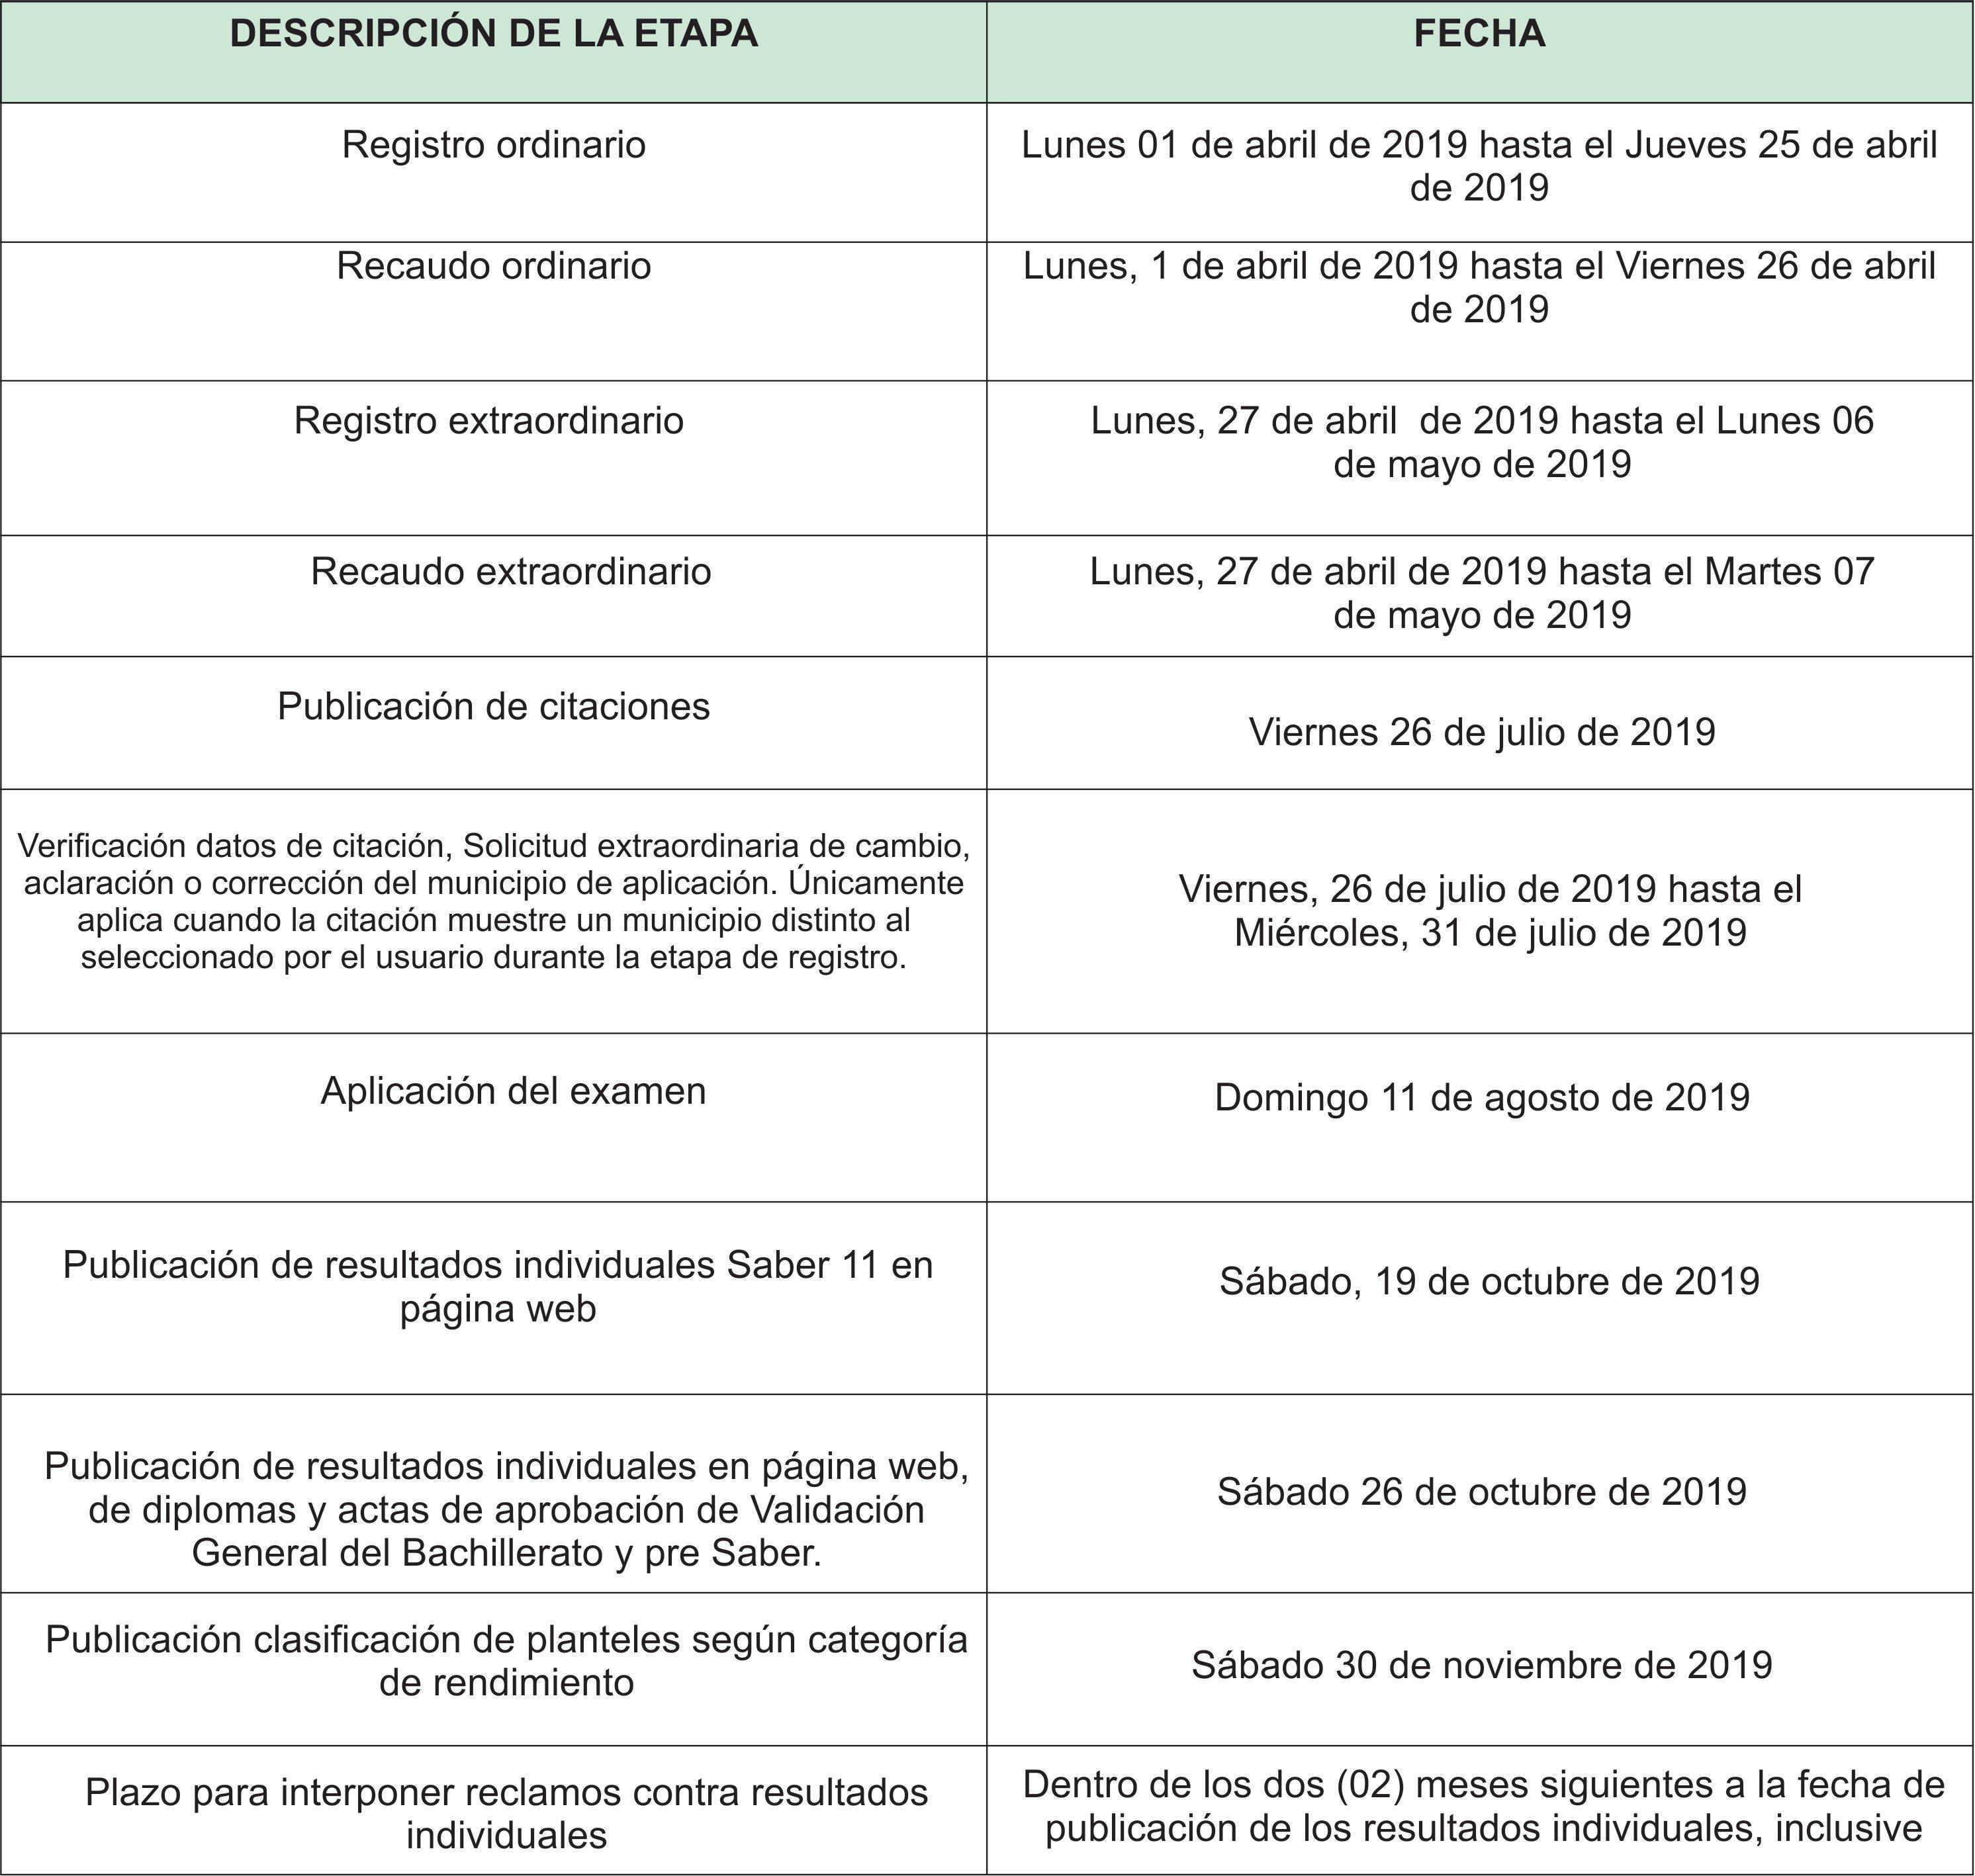 calendario fechas icfes 2019 segundo semestre-1